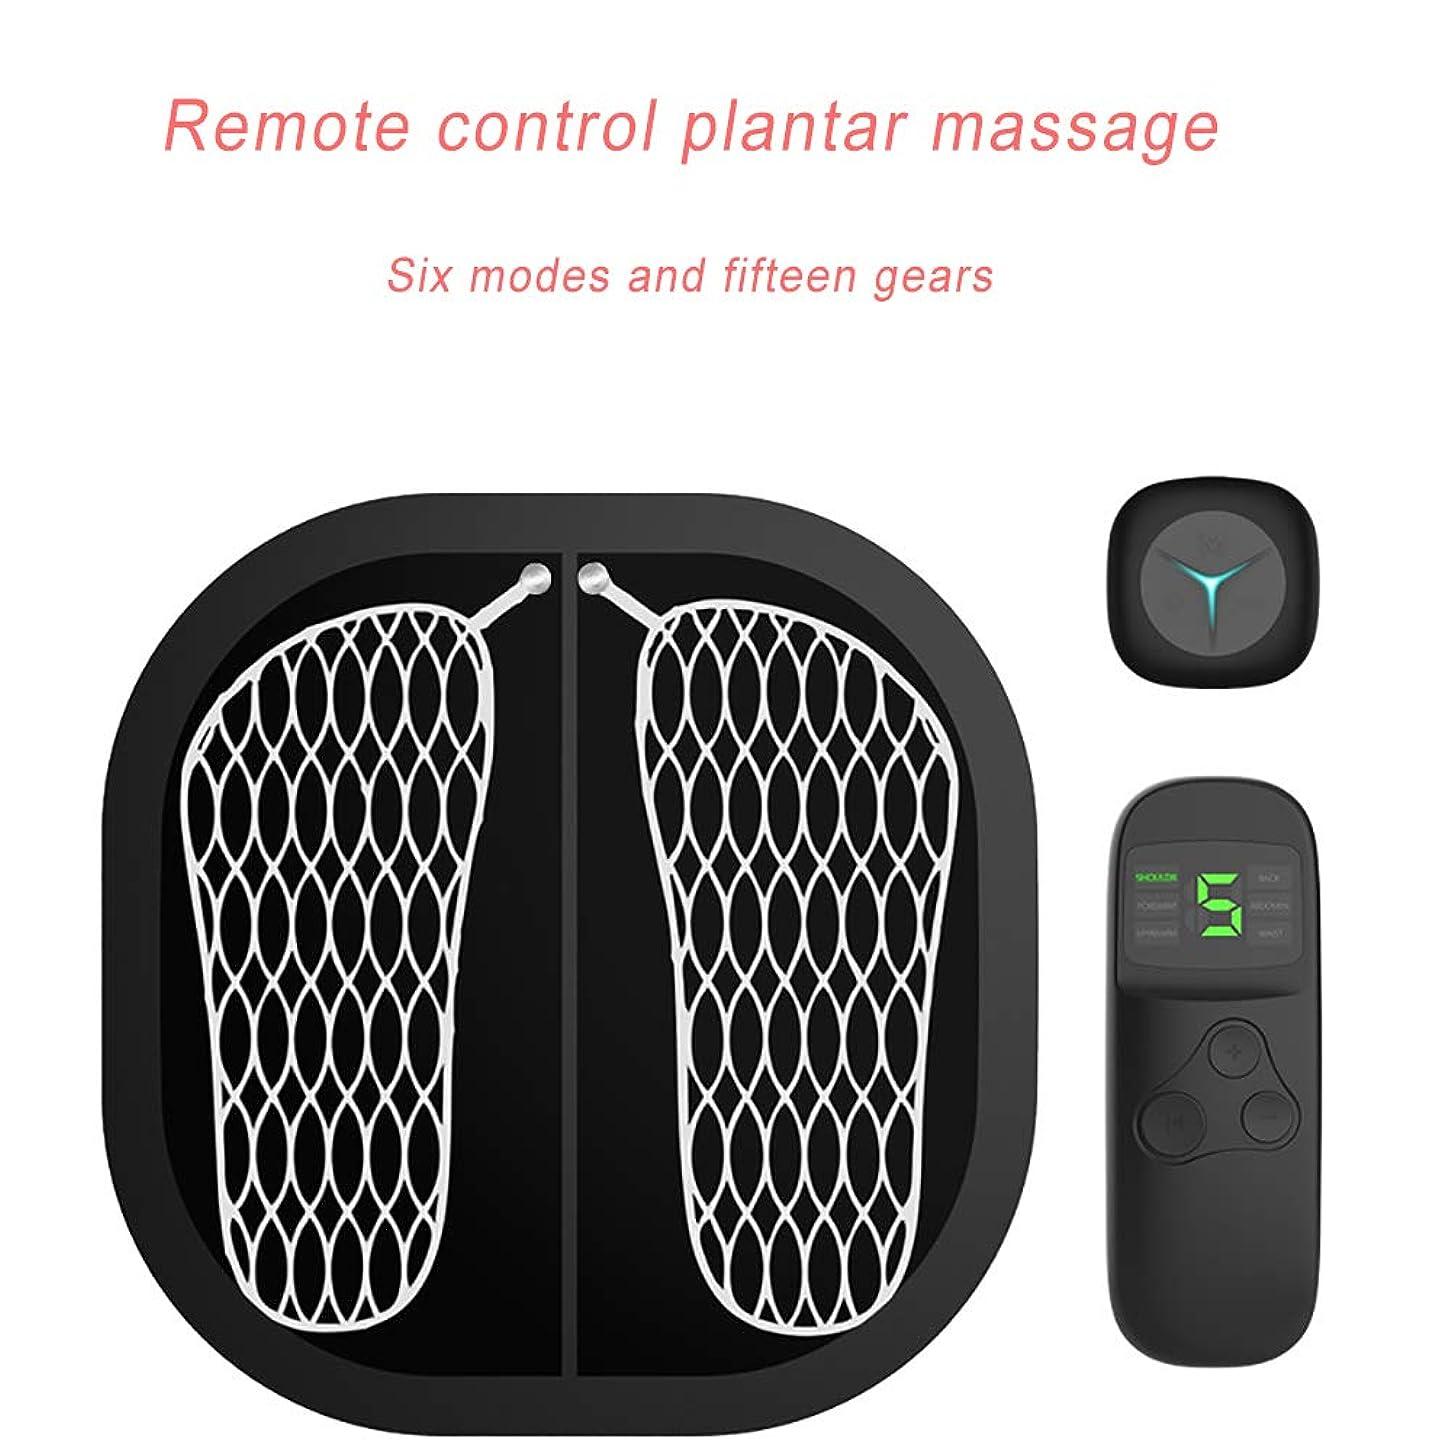 不名誉探検コンパニオンEMSフットサーキュレーションマッサージ、多機能インテリジェントフットマッサージ、鍼治療のポイントを刺激、痛みを和らげ、疲労を軽減6モードUSB充電,Black